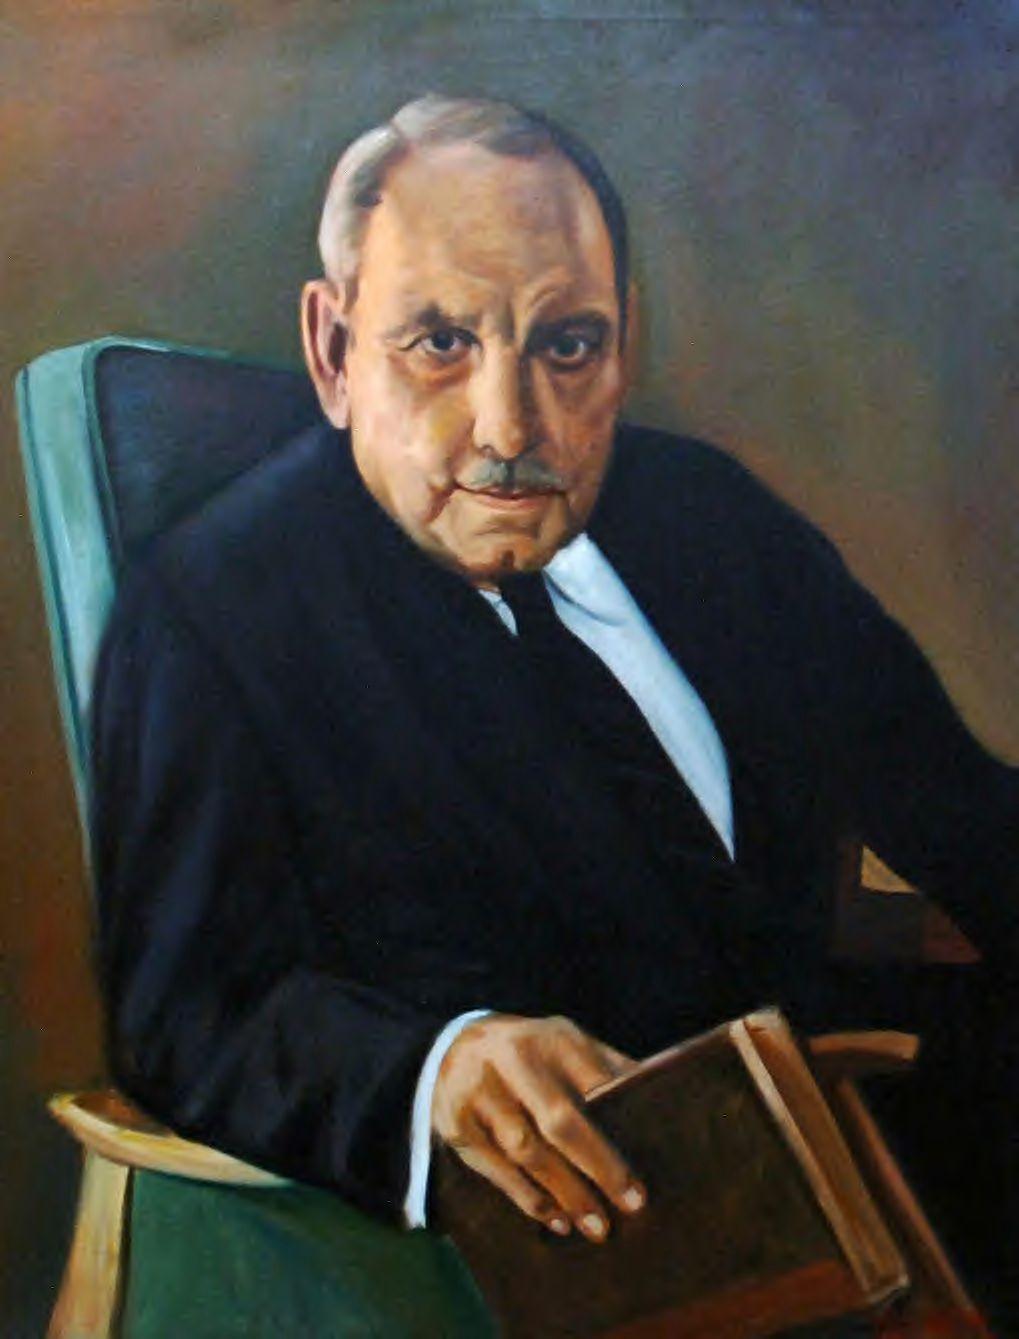 Pardoned by Luis Muñoz Marín